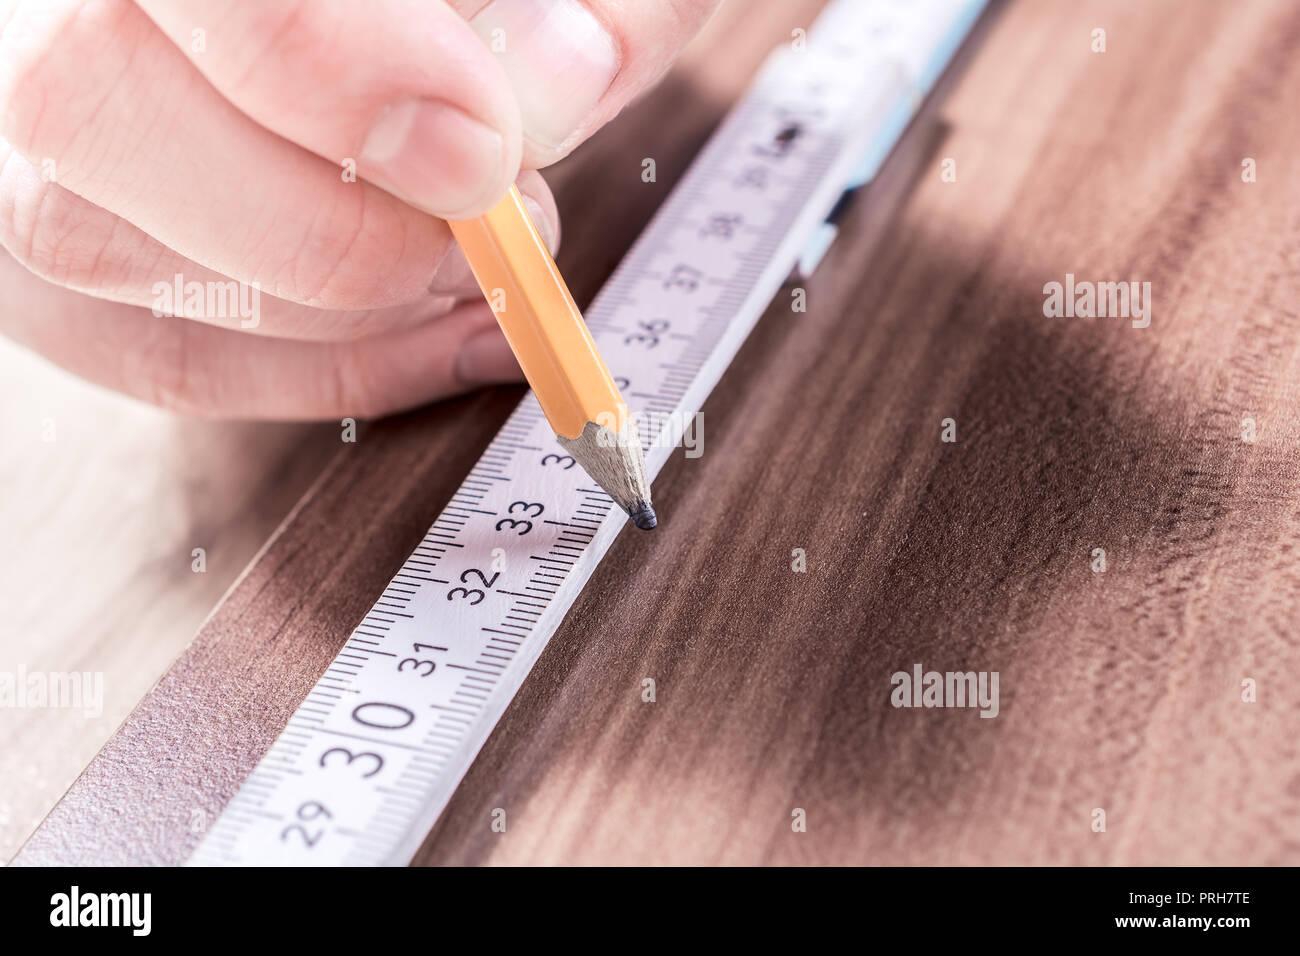 Maschio lato facendo segnare al punto di misura di un metro pieghevole su una tavola di legno Immagini Stock